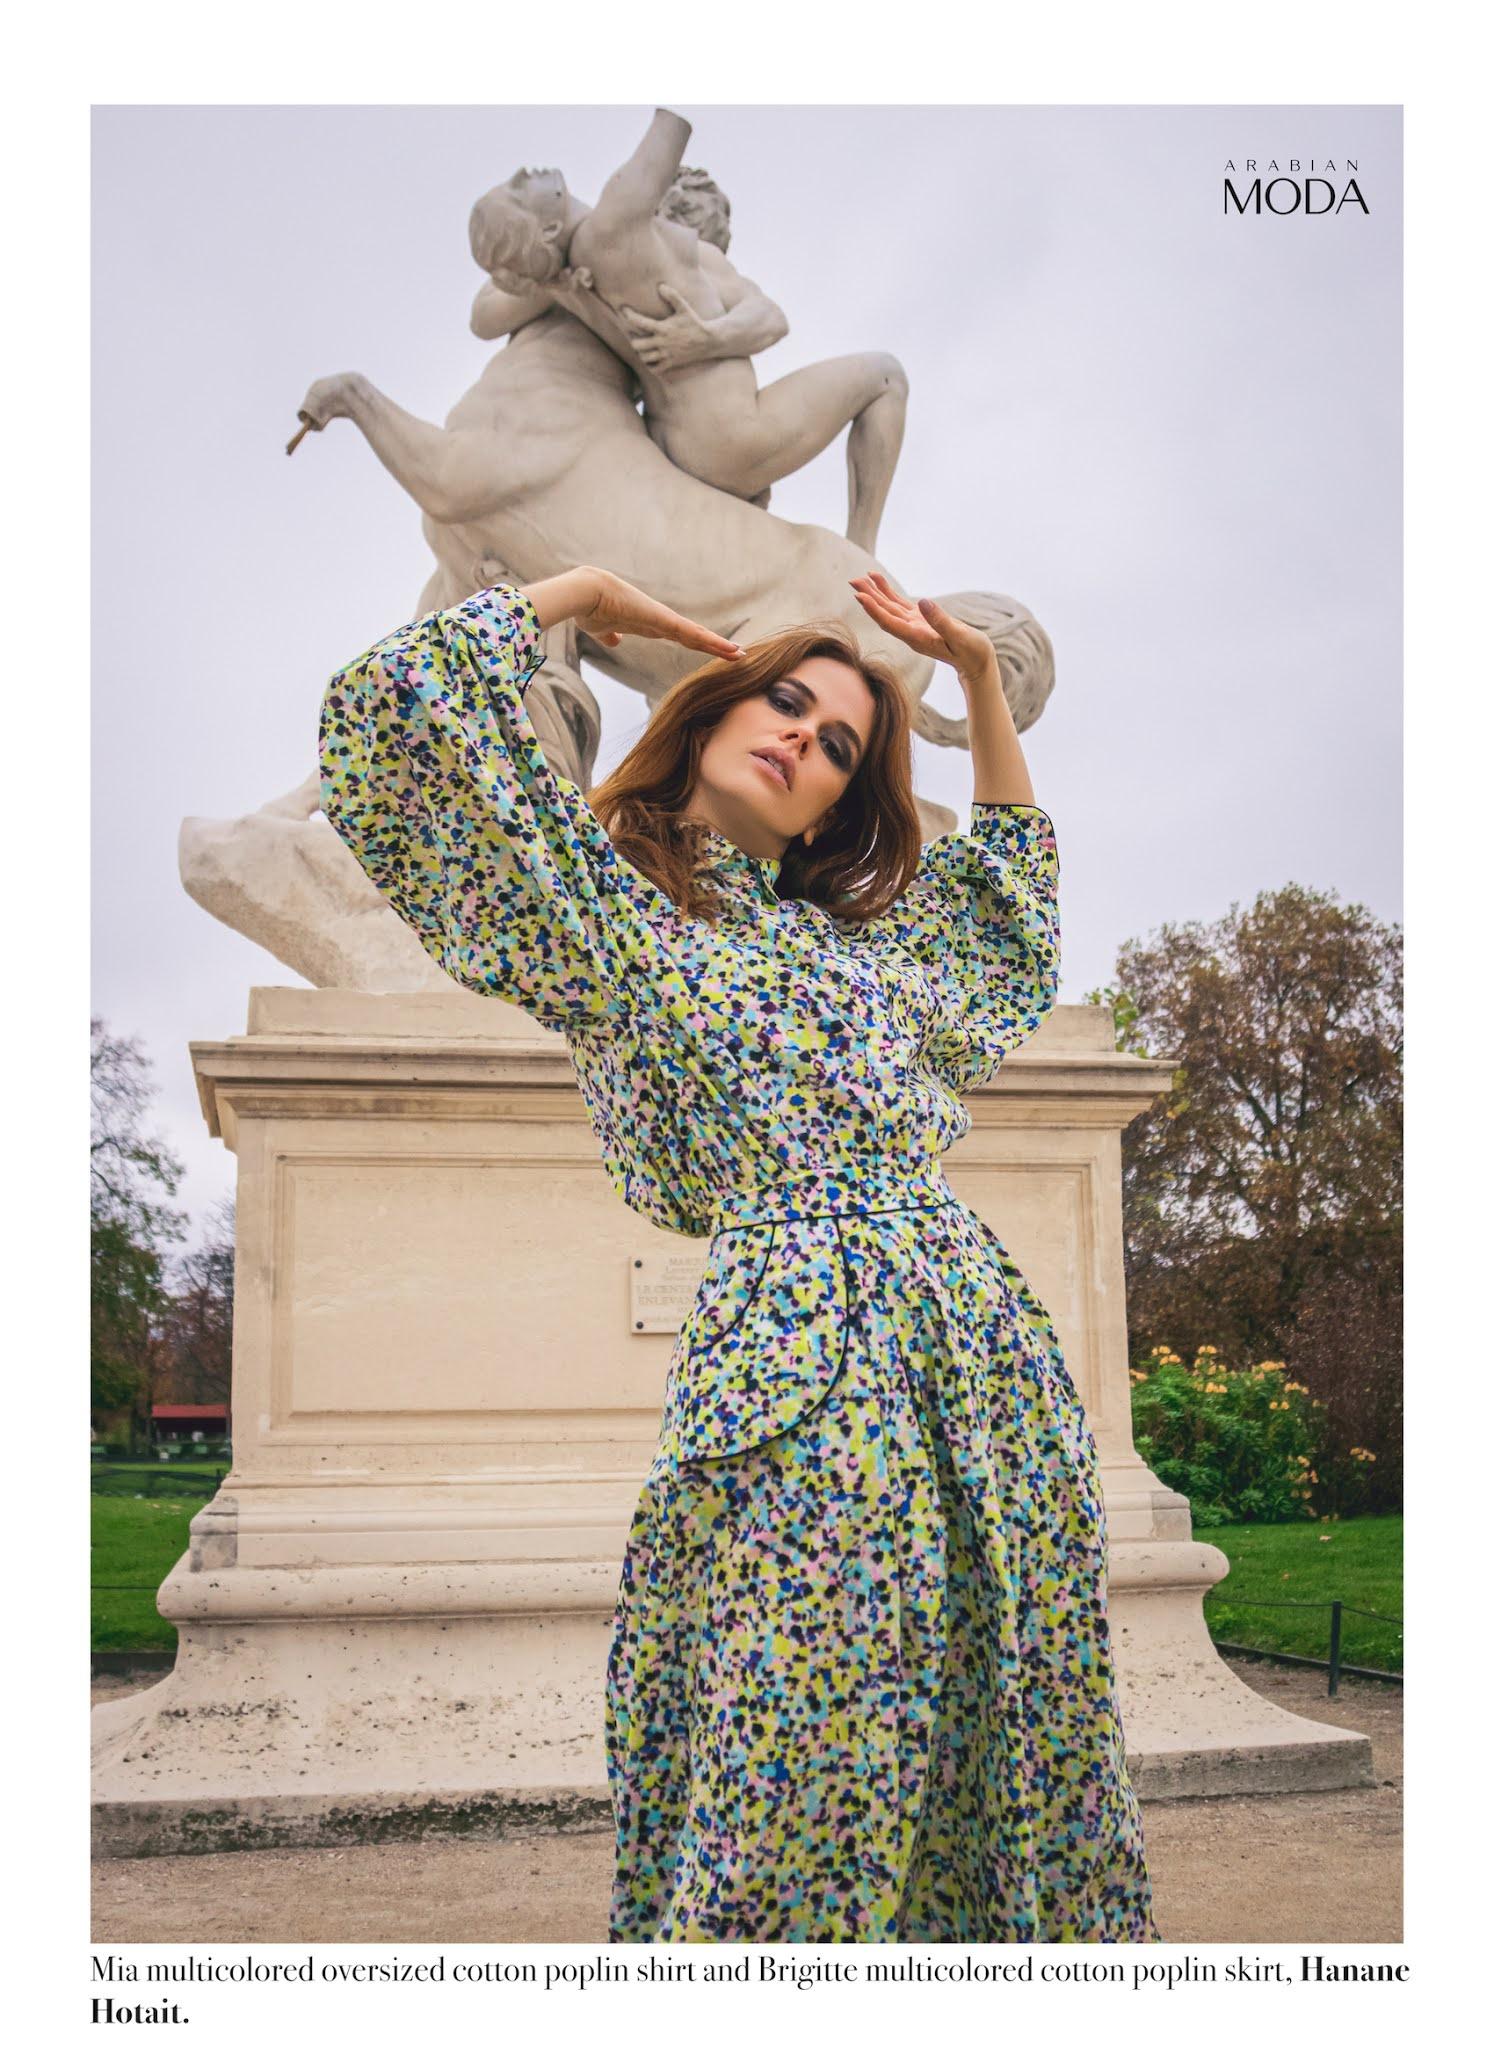 Arabian Moda x Hanane Hotait